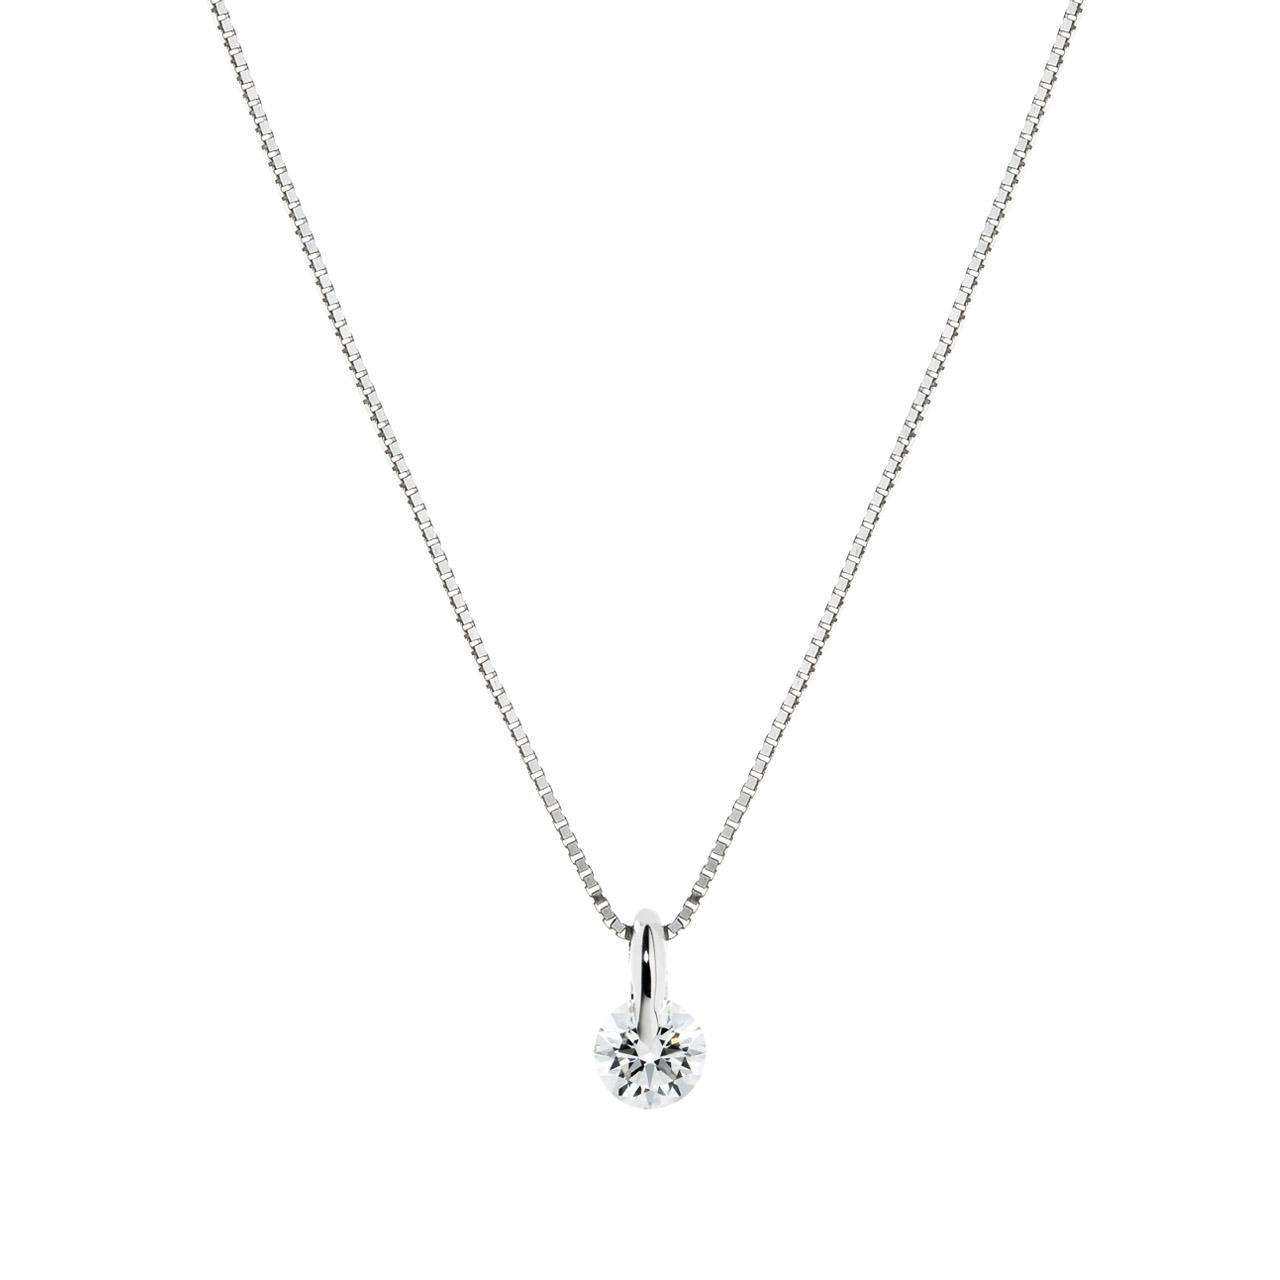 PT900 1ポイント ダイヤモンド ペンダント 45cm 0.2ct